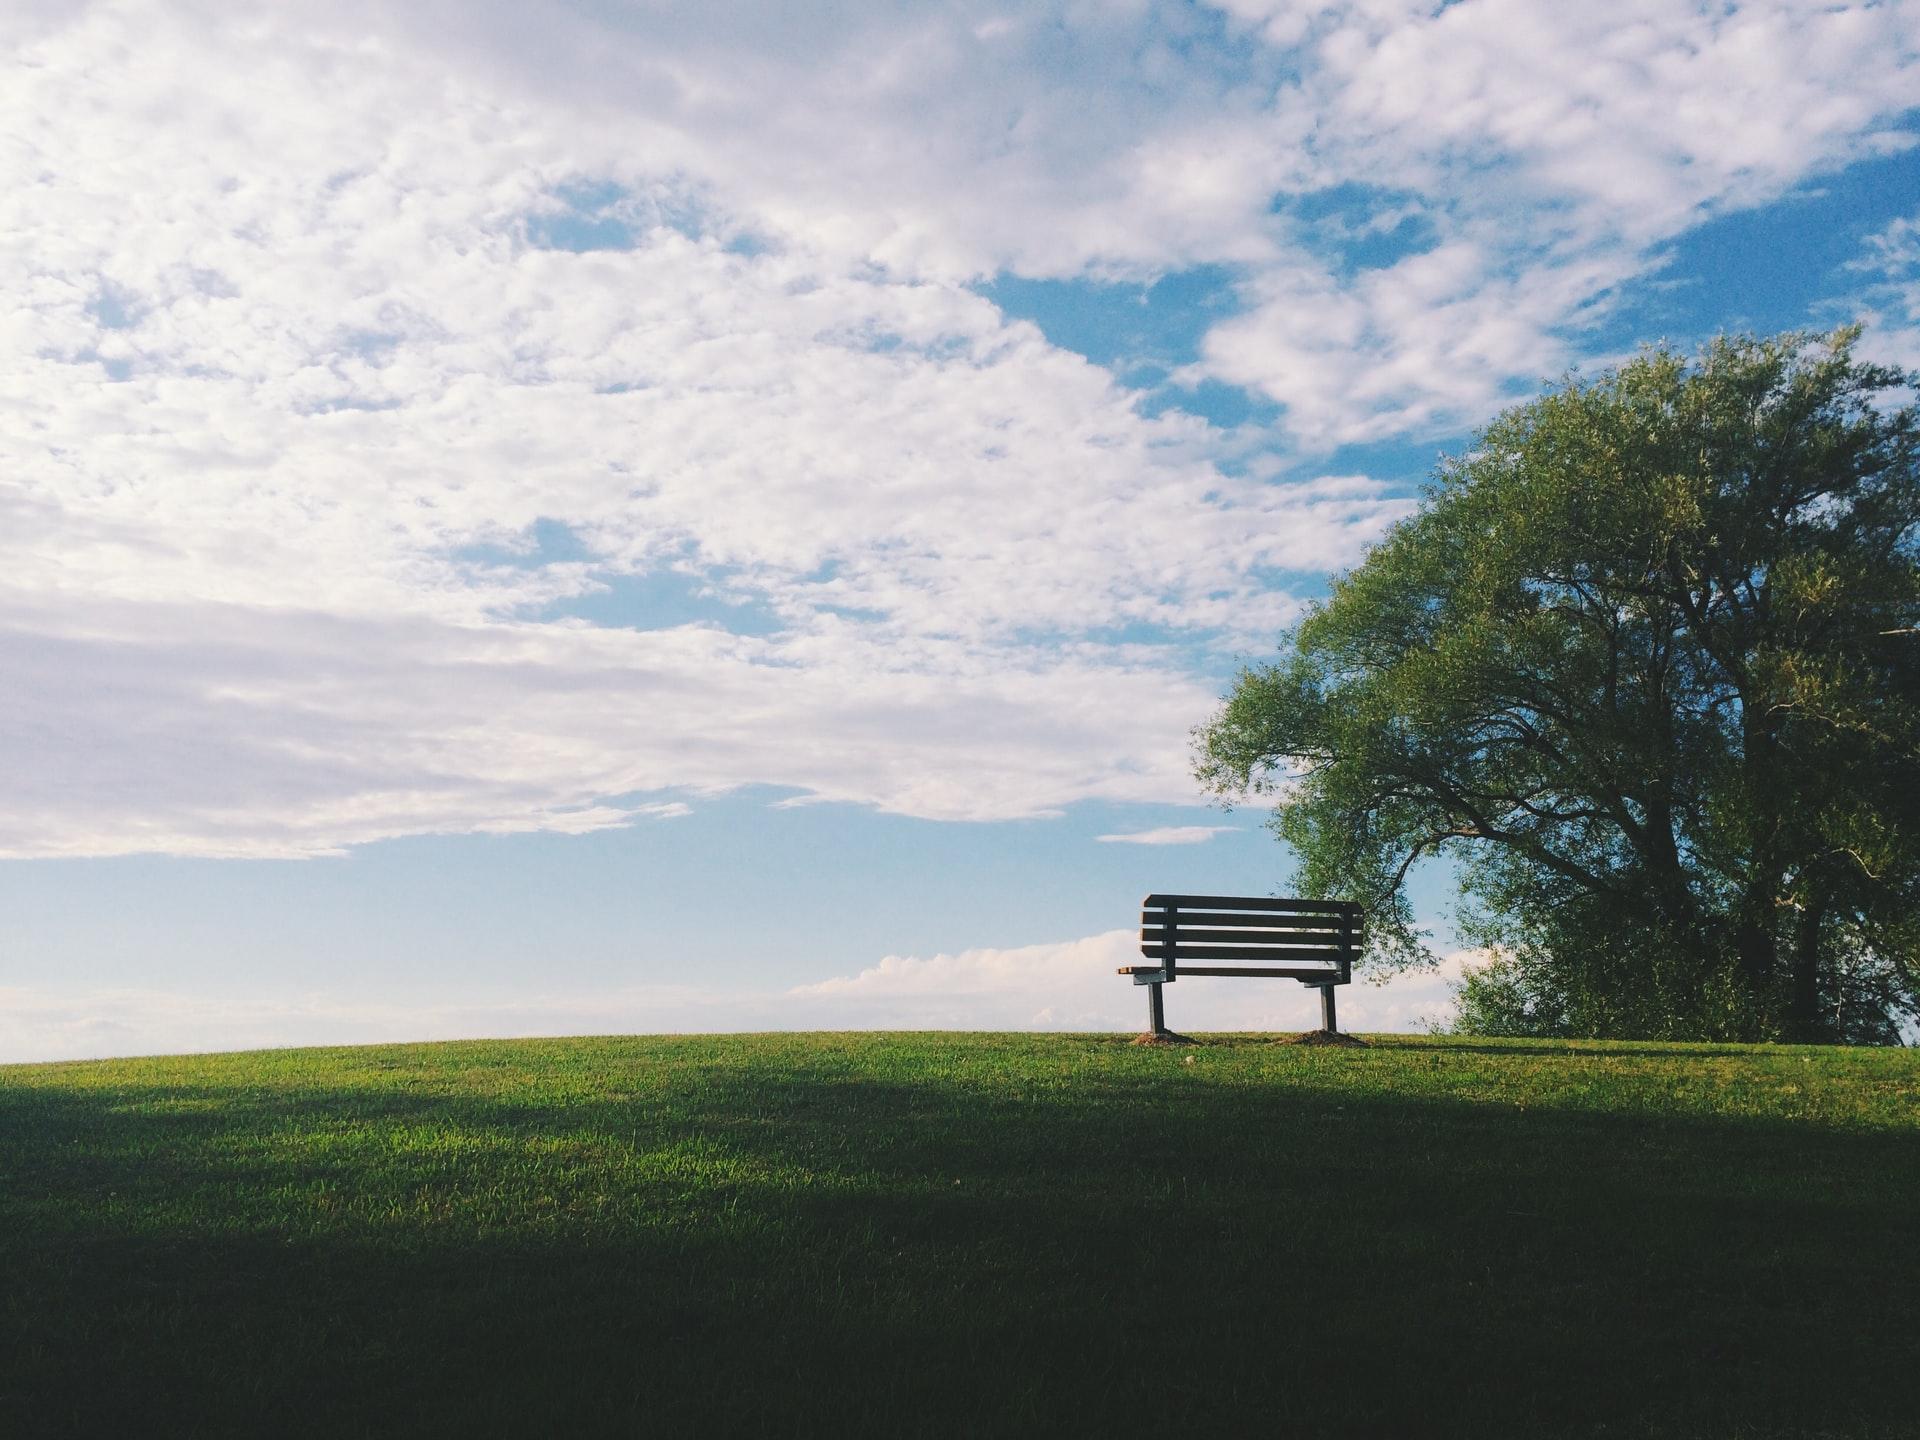 Dark wooden bench under a tree in a field